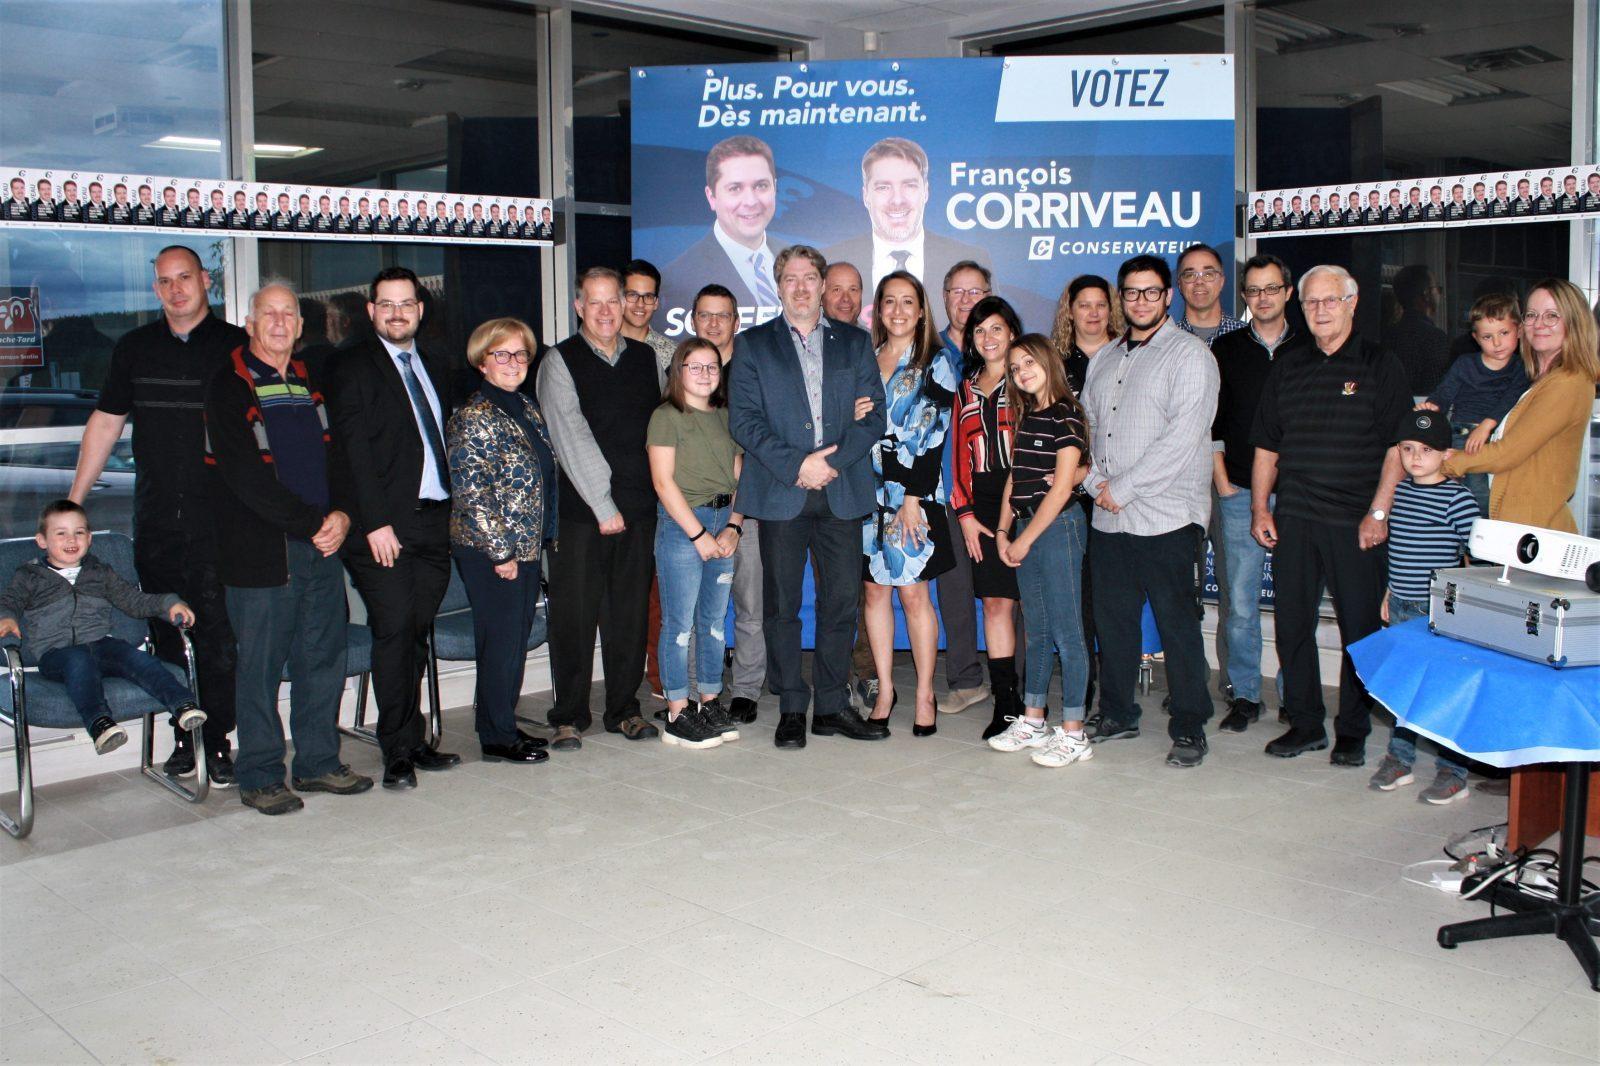 François Corriveau jette son fiel sur Trudeau